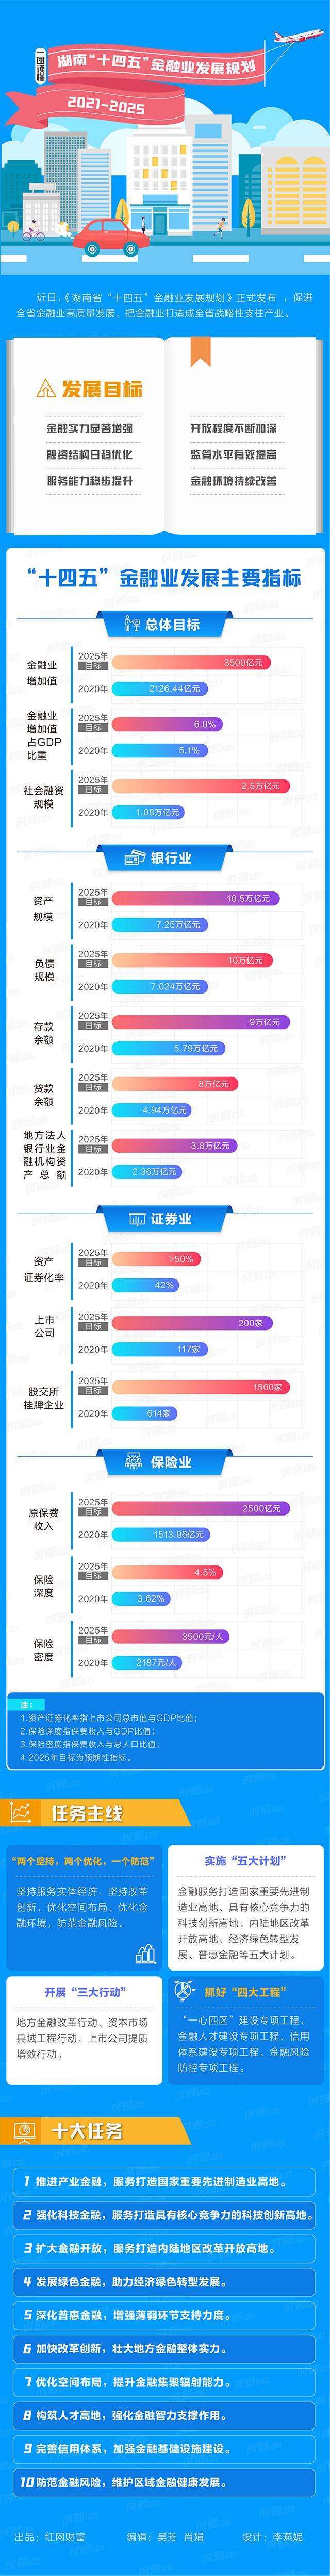 湖南金融十四五发展规划.jpg